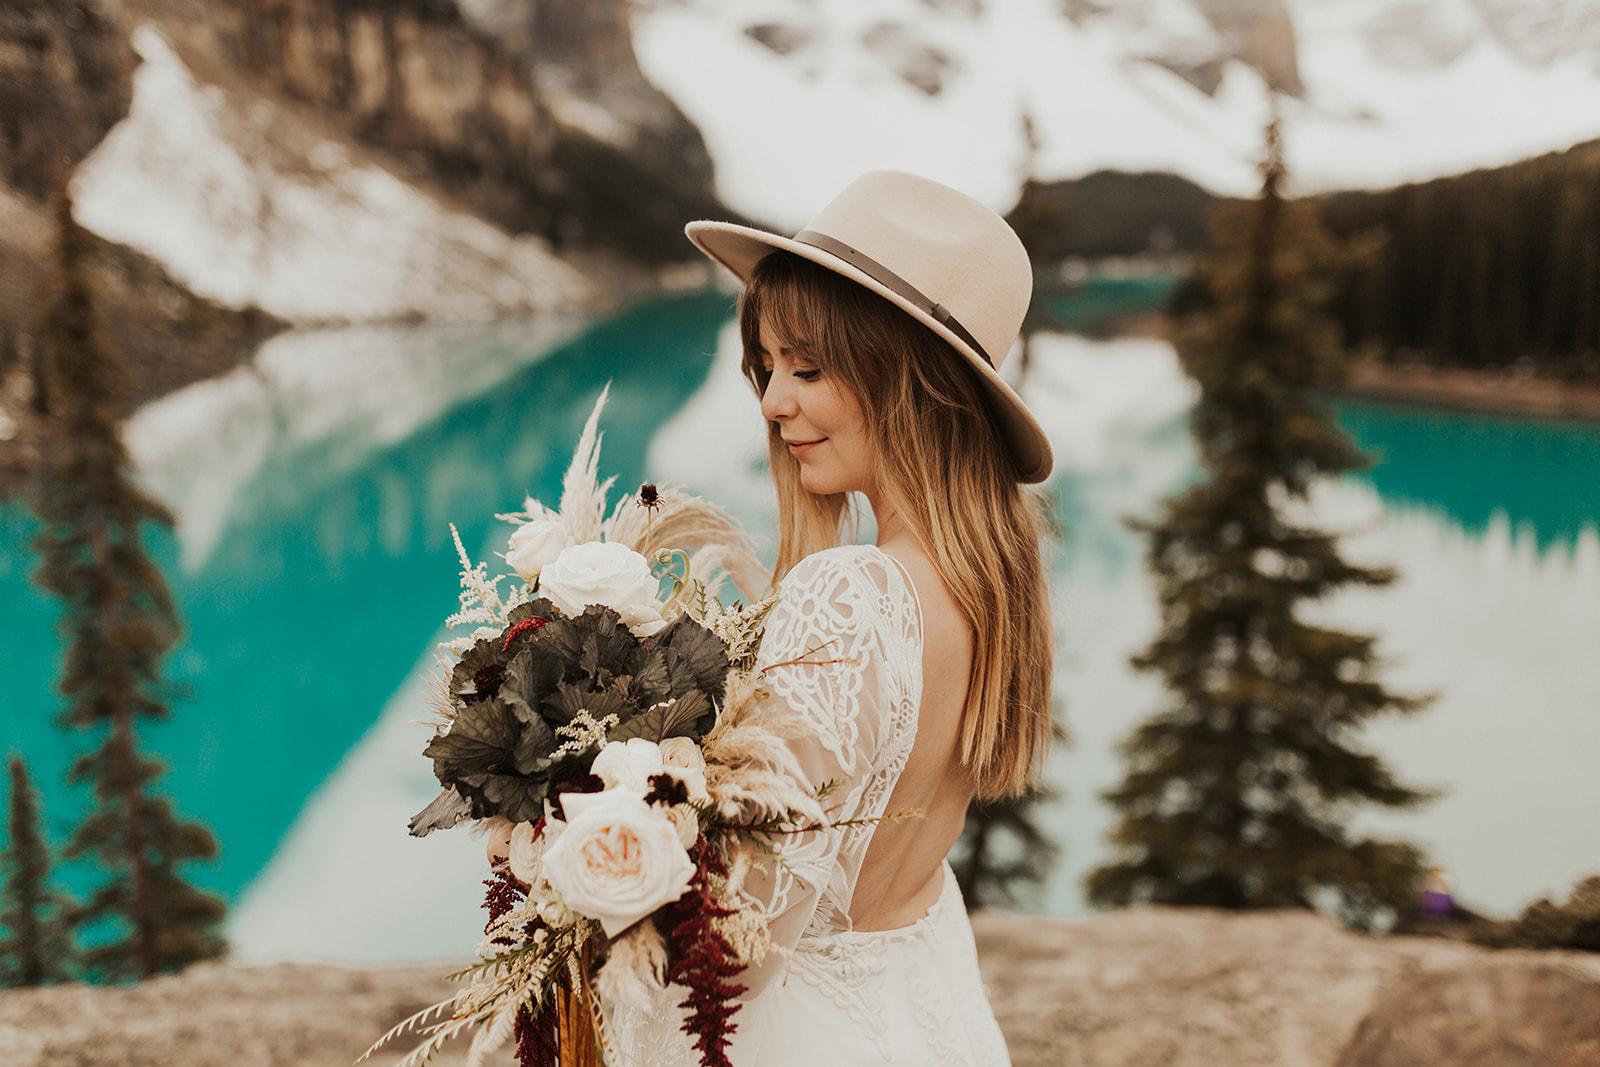 Banff Elopement l Lake Moraine Elopement l Vintage Bolo Tie l Pampas Grass Boho Boquet l Rue Design Wedding Dress l Banff Wedding Photographer l Destination Wedding Photographer l Katy Rose Photo_-24.jpg